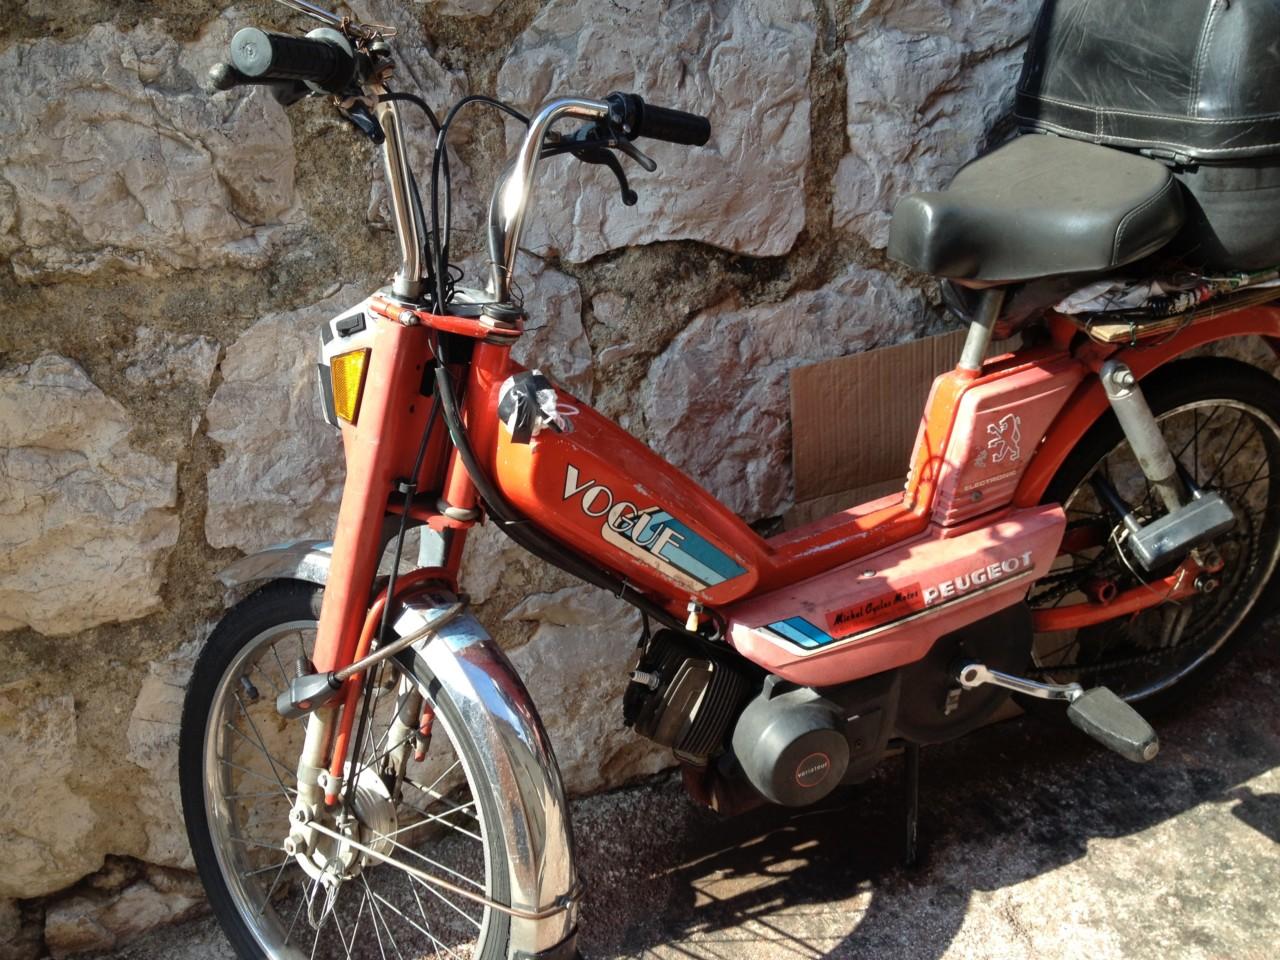 scooter-vogue-peugeot-menton-cote-azur